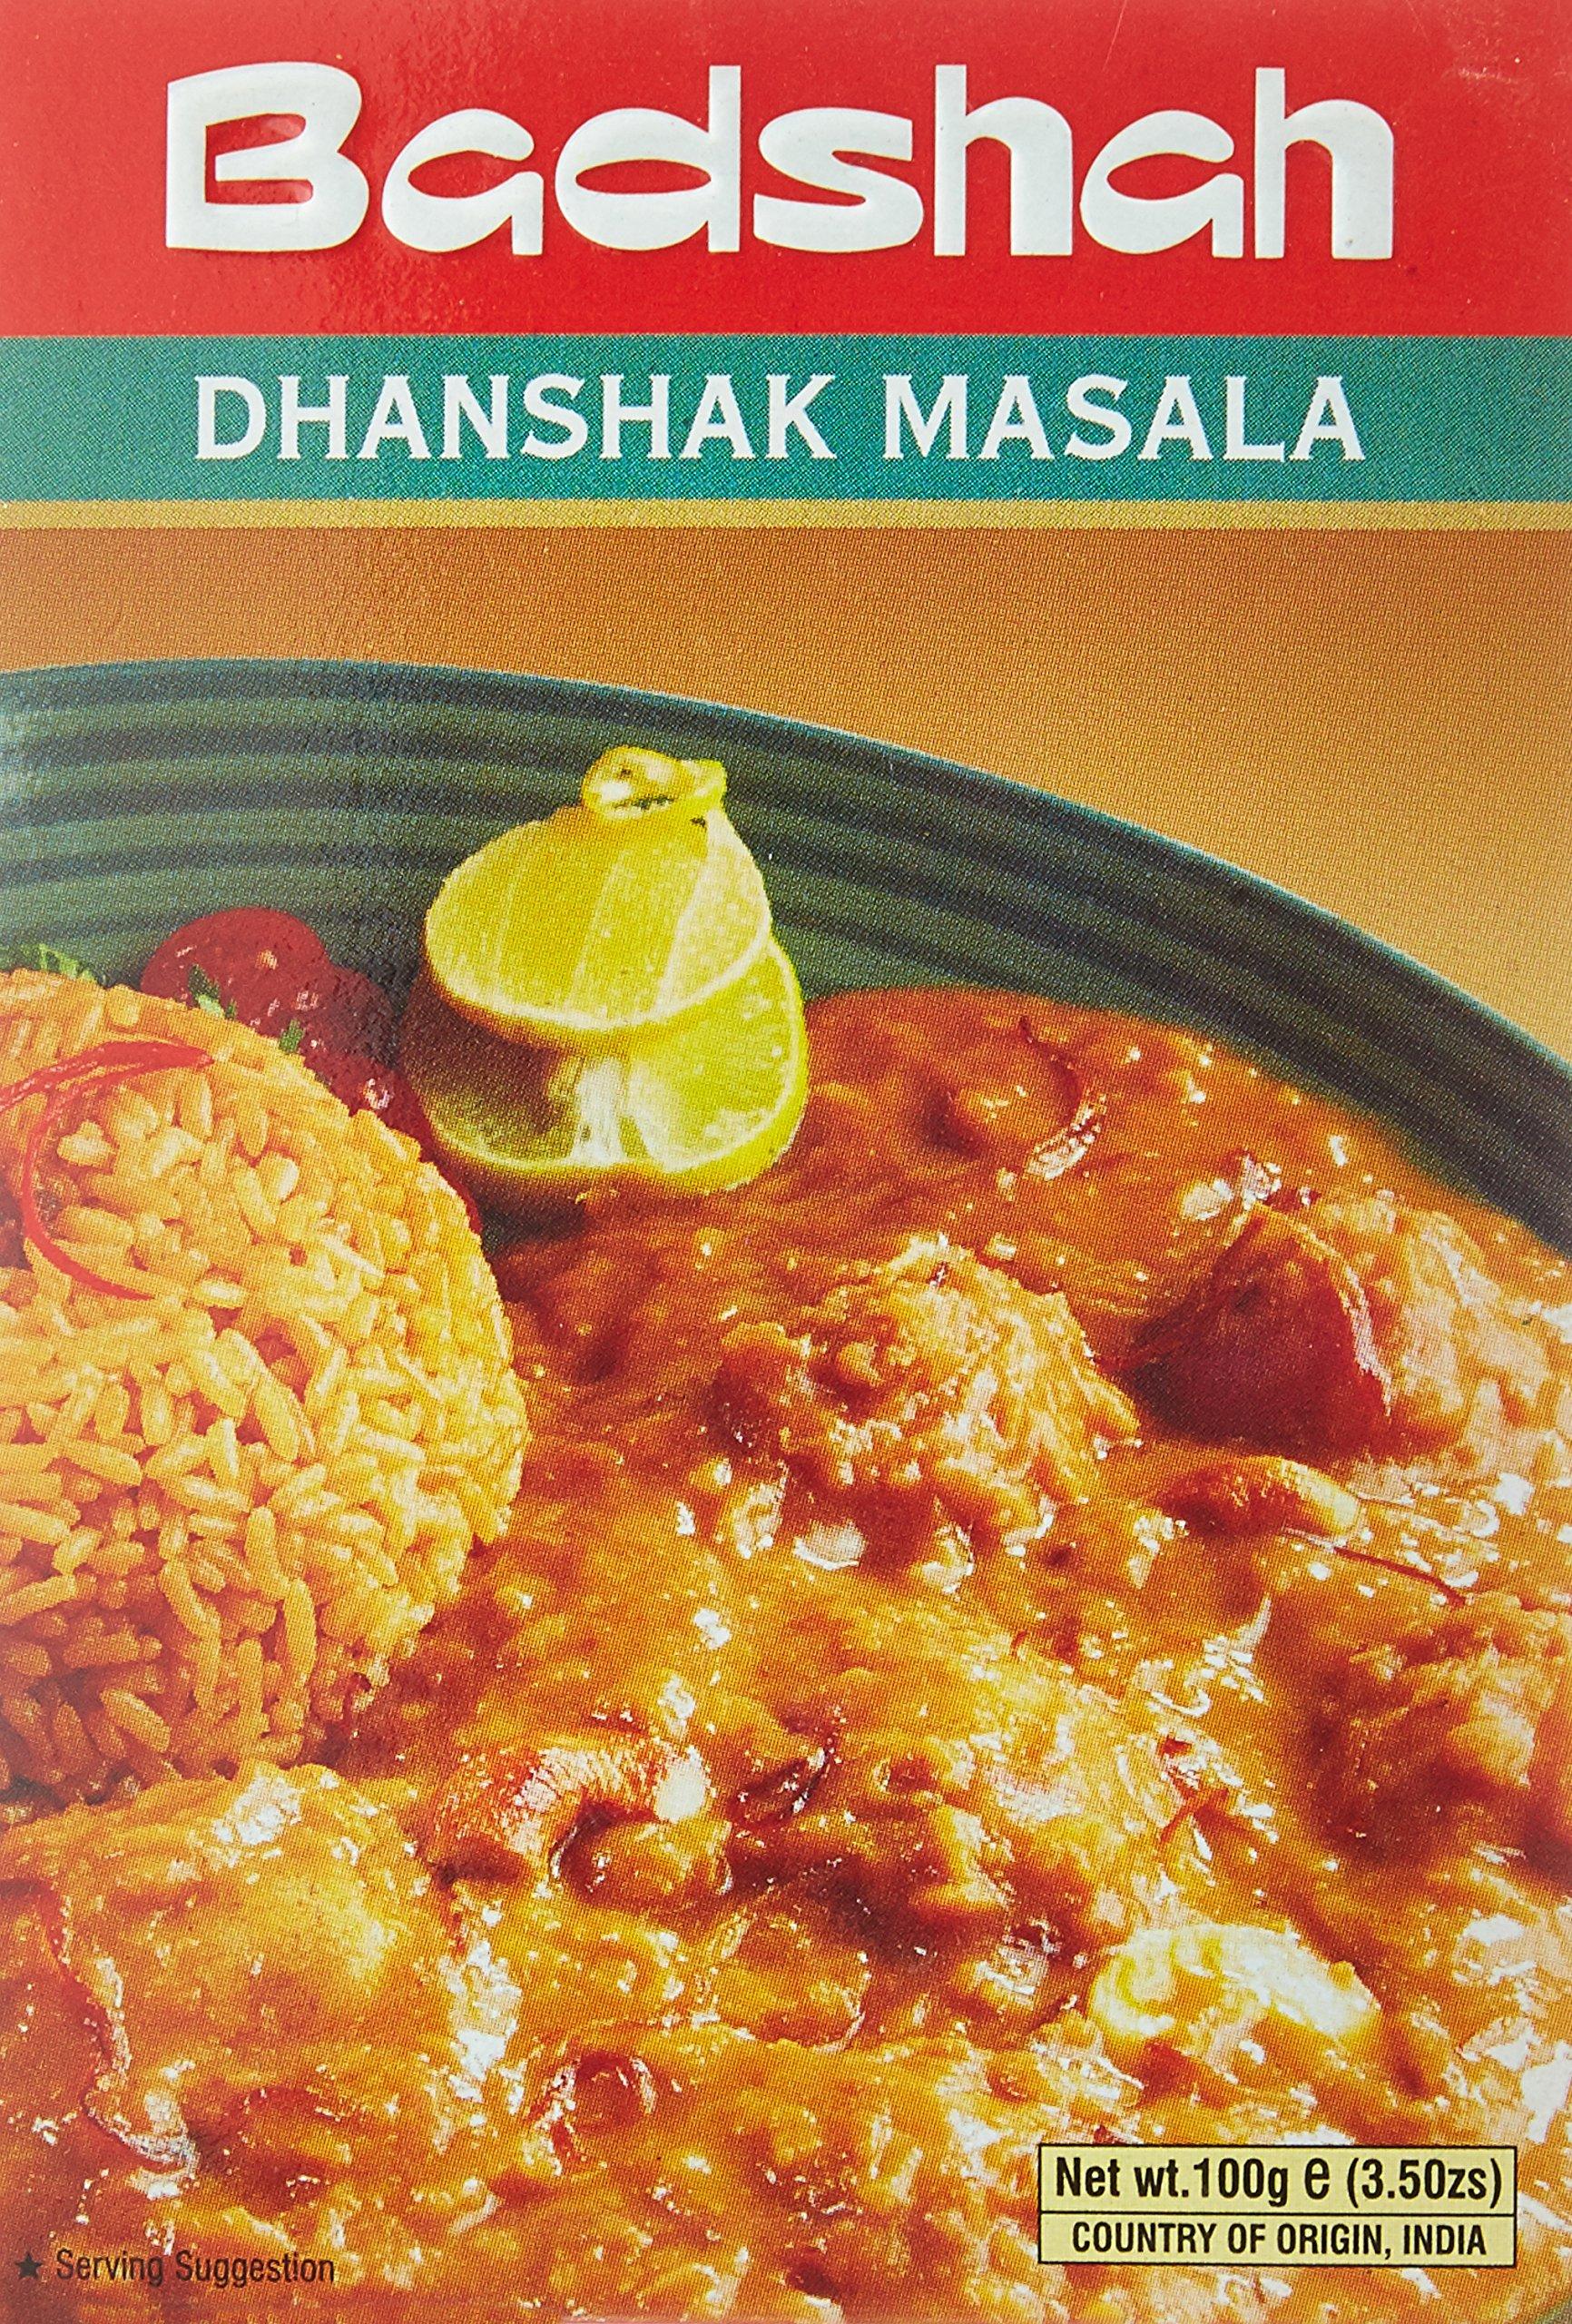 Badshah Dhanshak Masala(3.5oz., 100g)